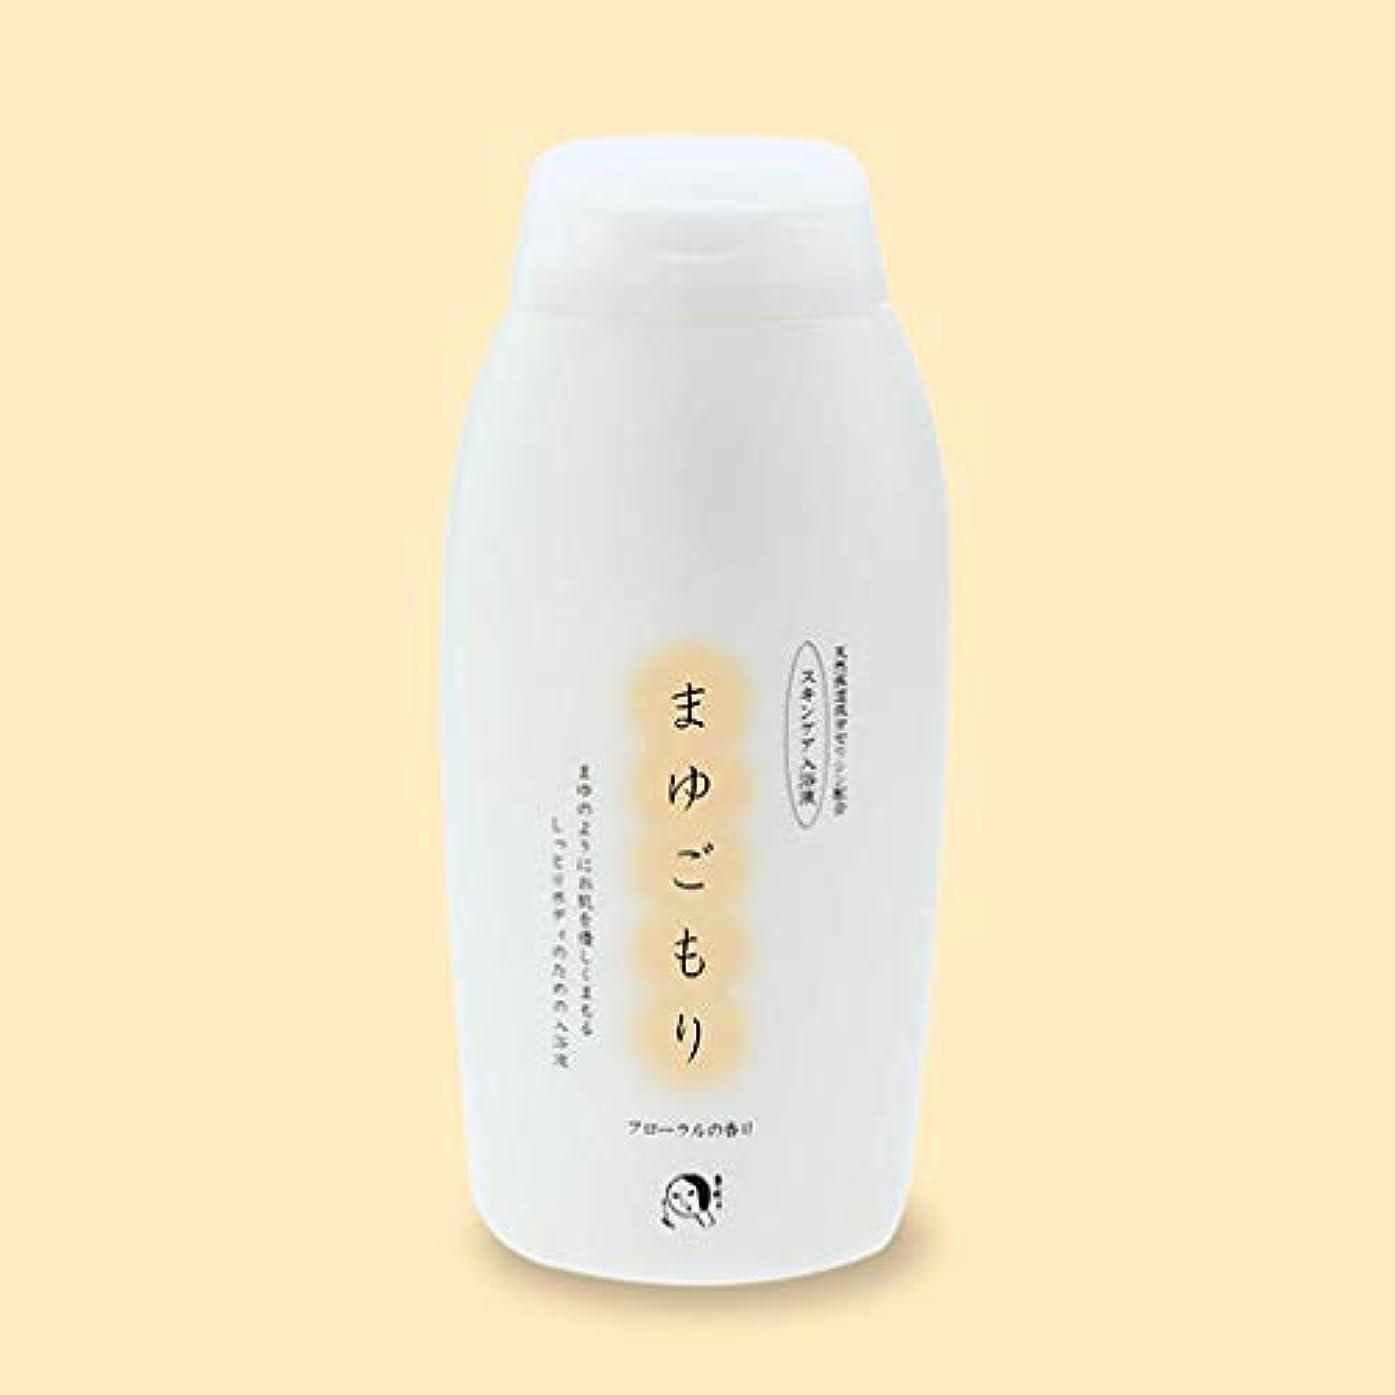 ティーム頑張る一杯よーじや まゆごもり入浴液(ボトルタイプ) 250ml(11回分)